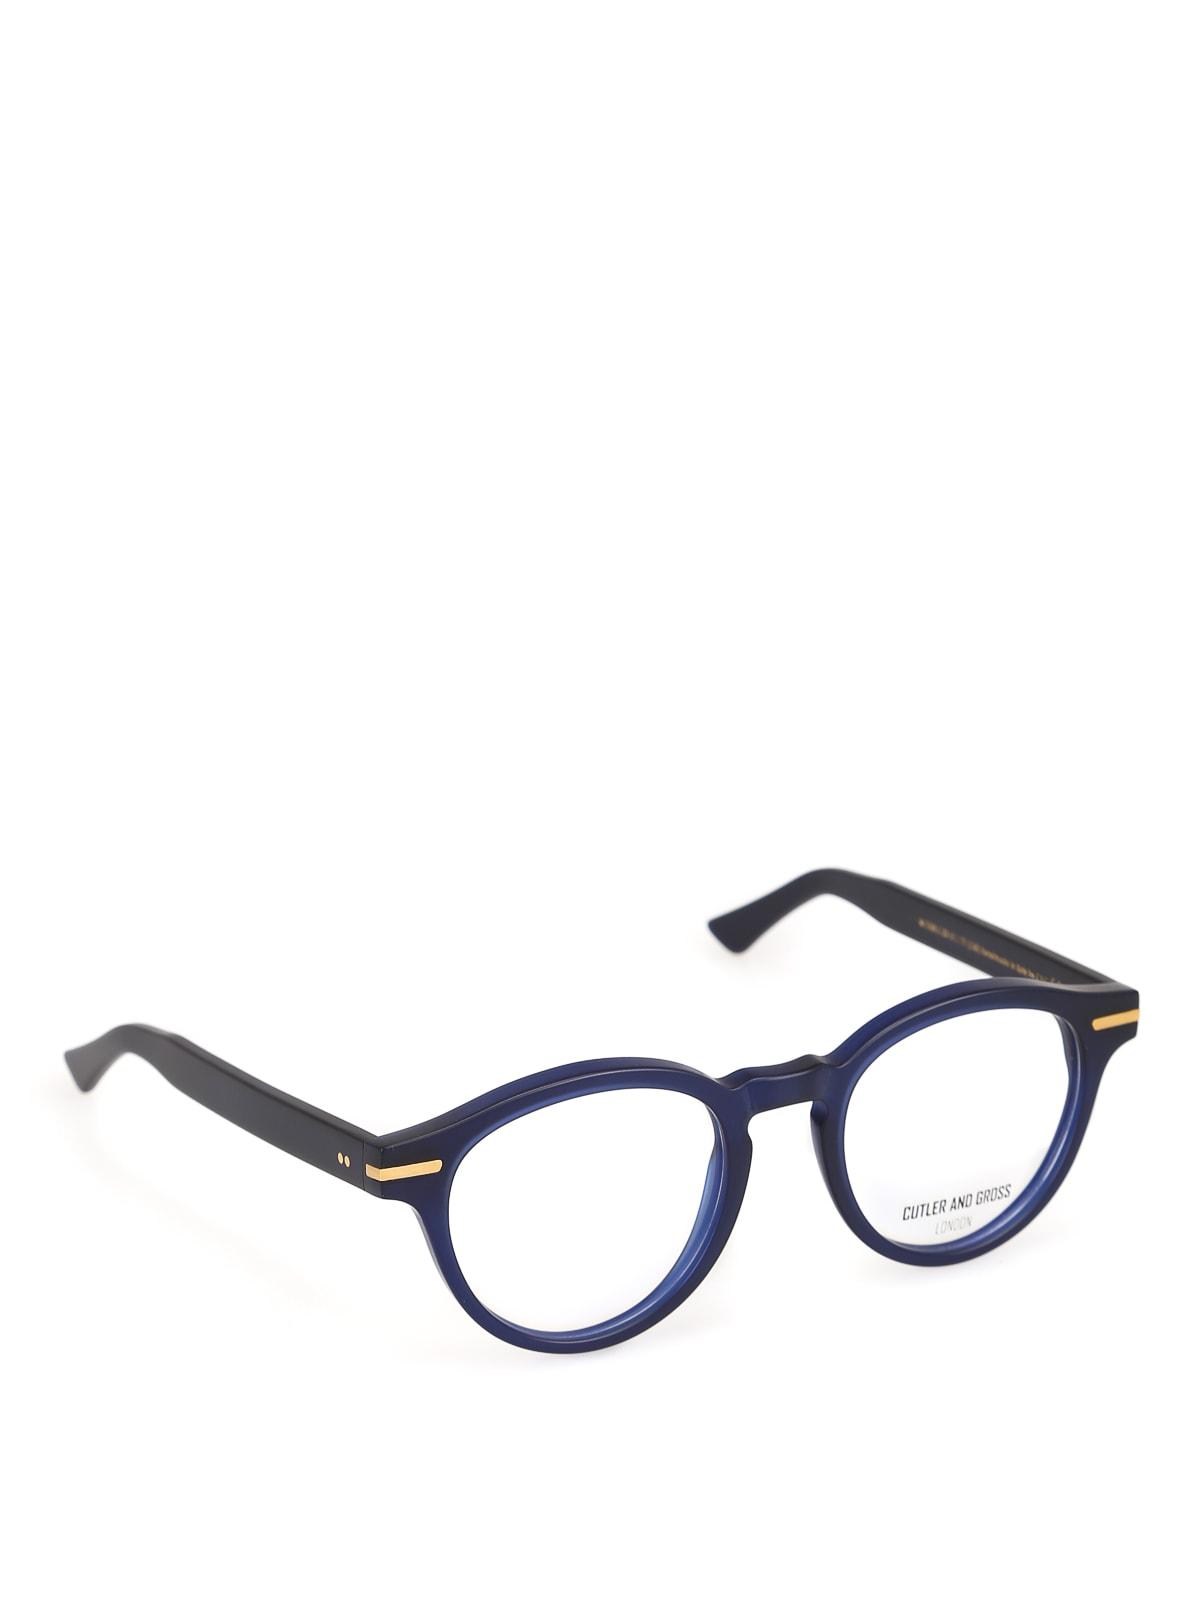 1338/51/03 Eyewear